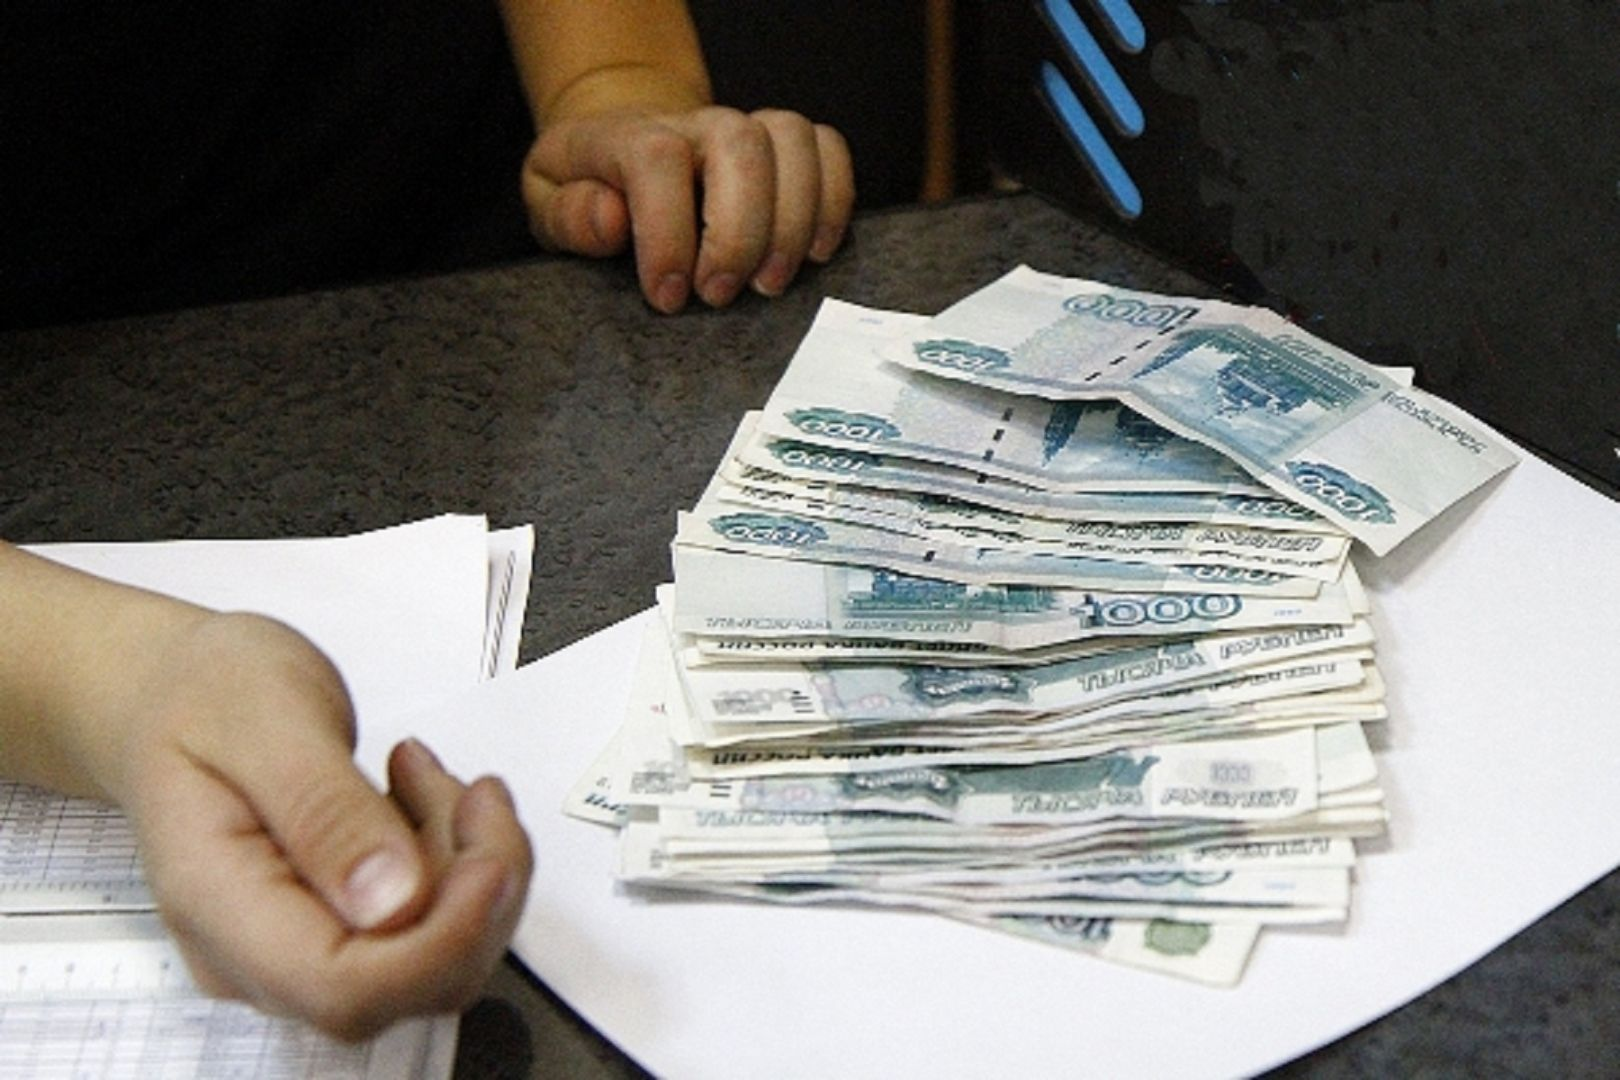 Посетительница колонии спрятала деньги внижнем белье, чтобы передать ихосужденному